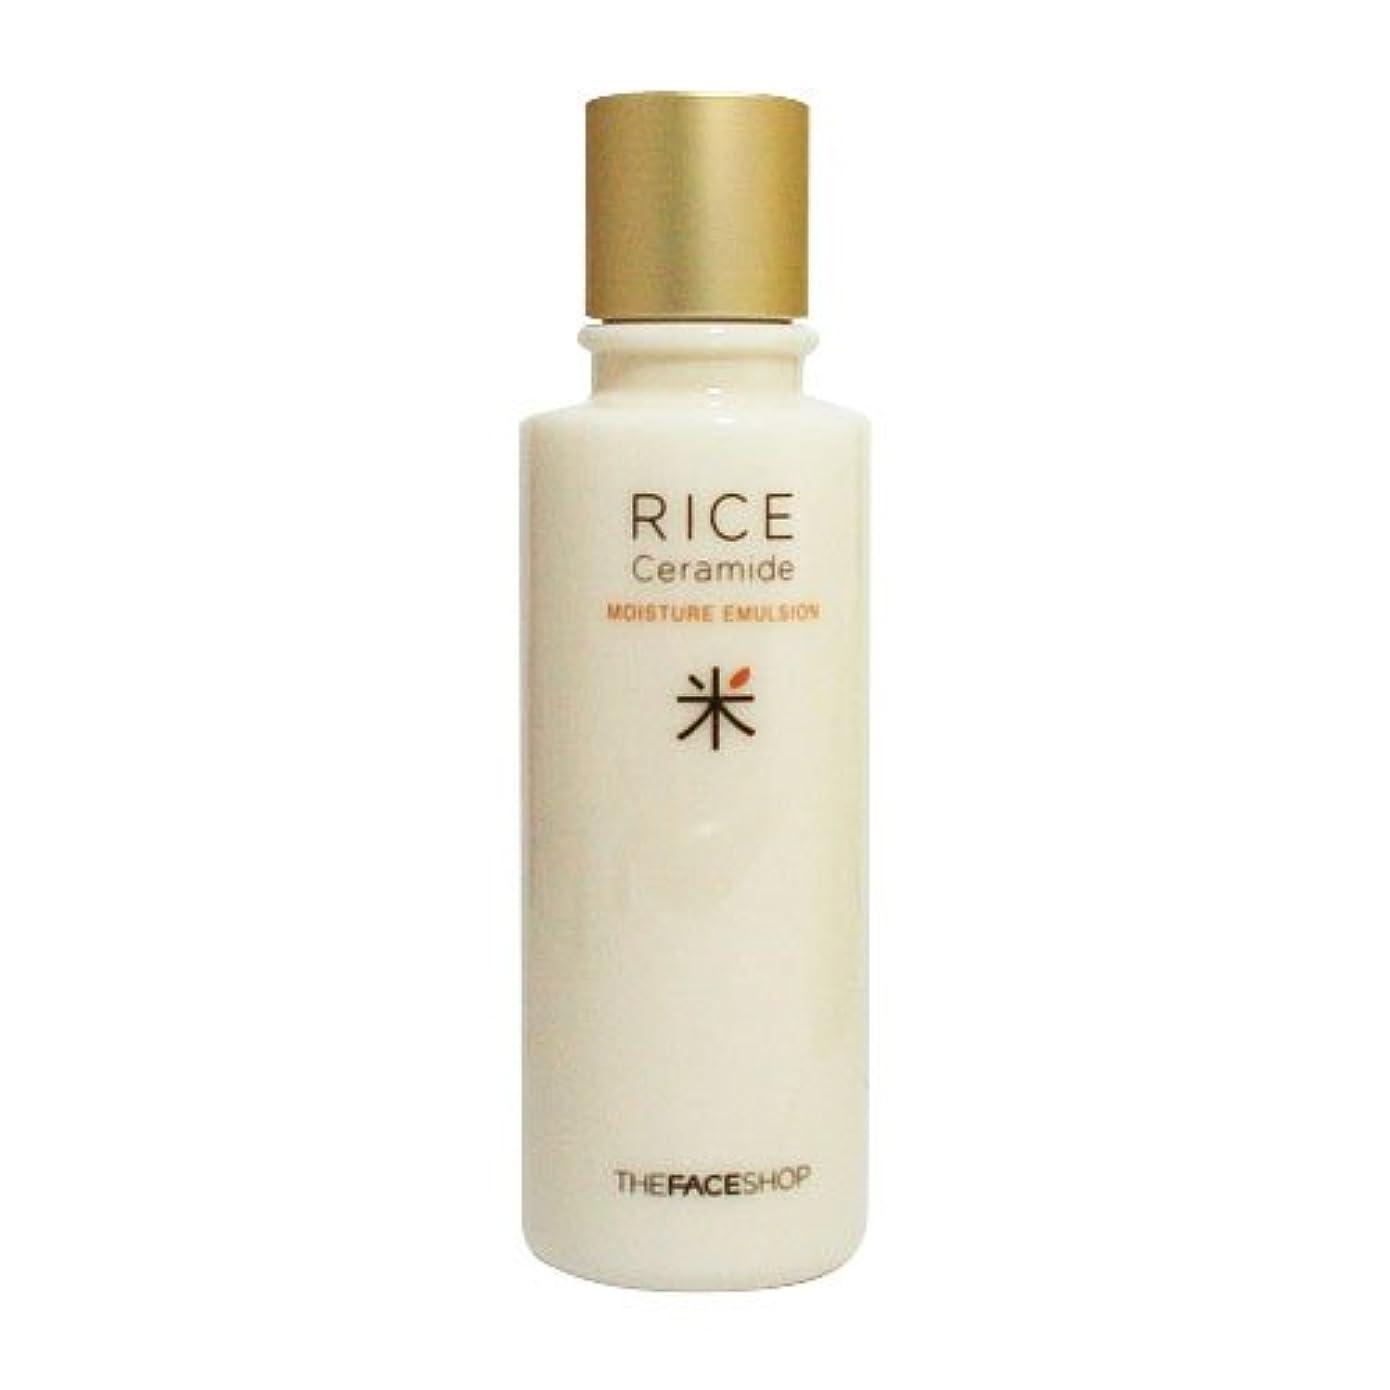 [ザ?フェイスショップ] The Face Shop ライス&セラミド モイスチャーエマルジョン Rice & Ceramide Moisture Emulsion [並行輸入品]